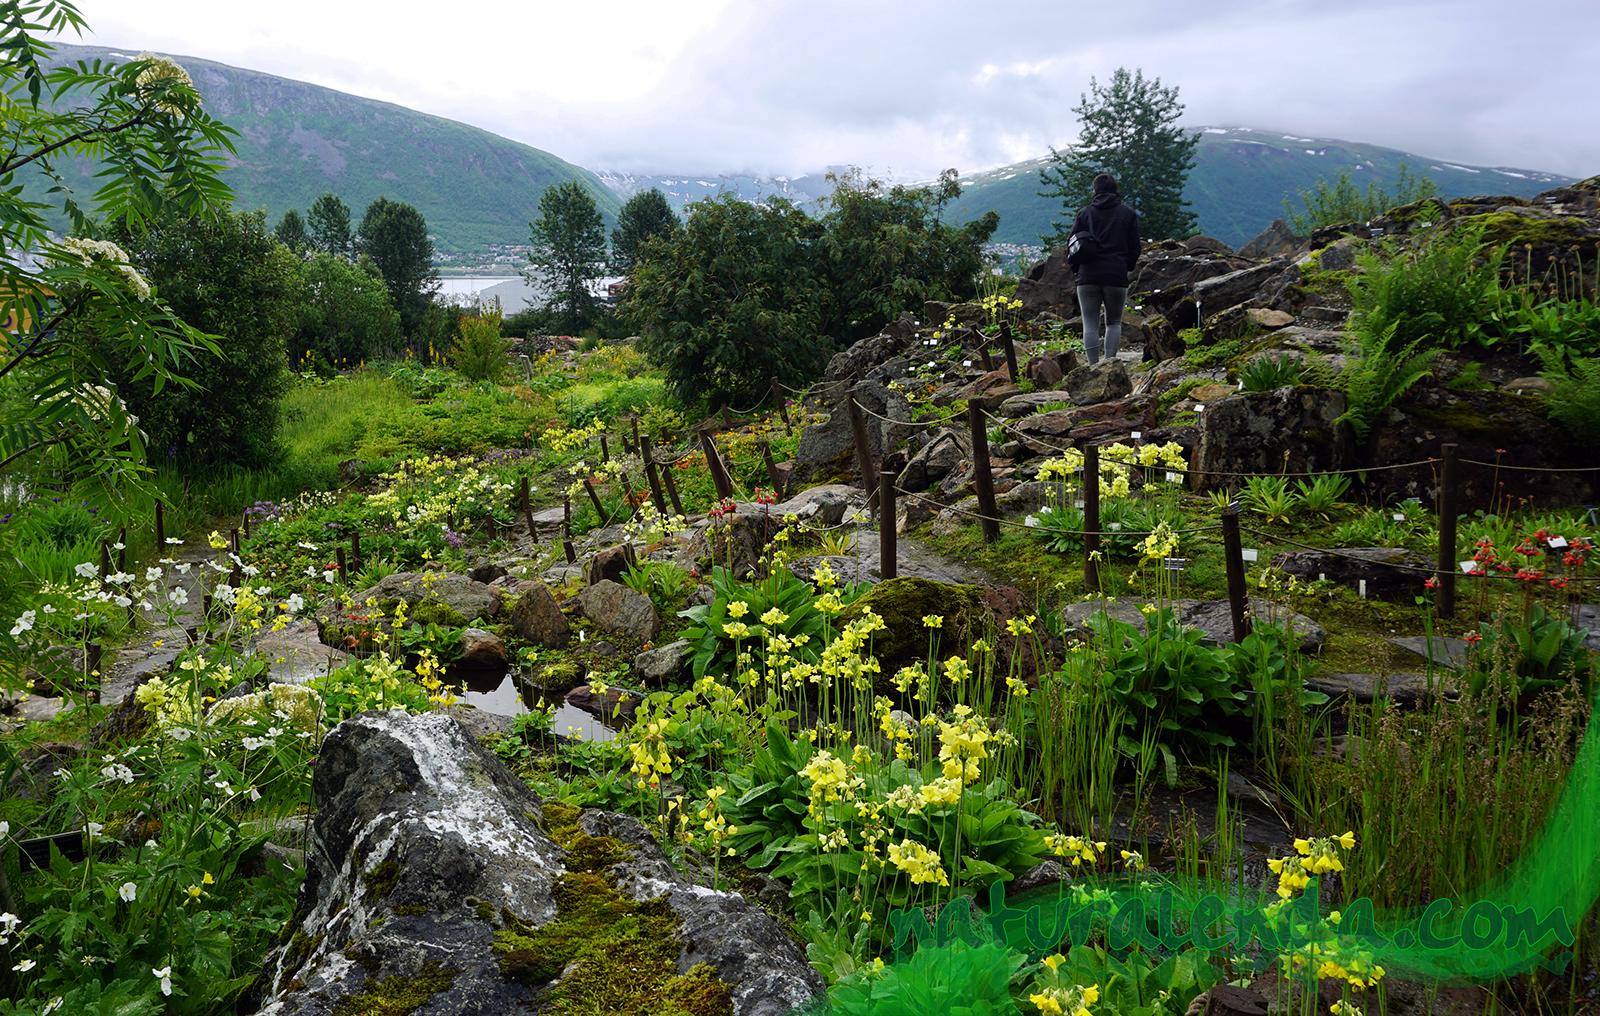 jardin botanico de tromso en noruega